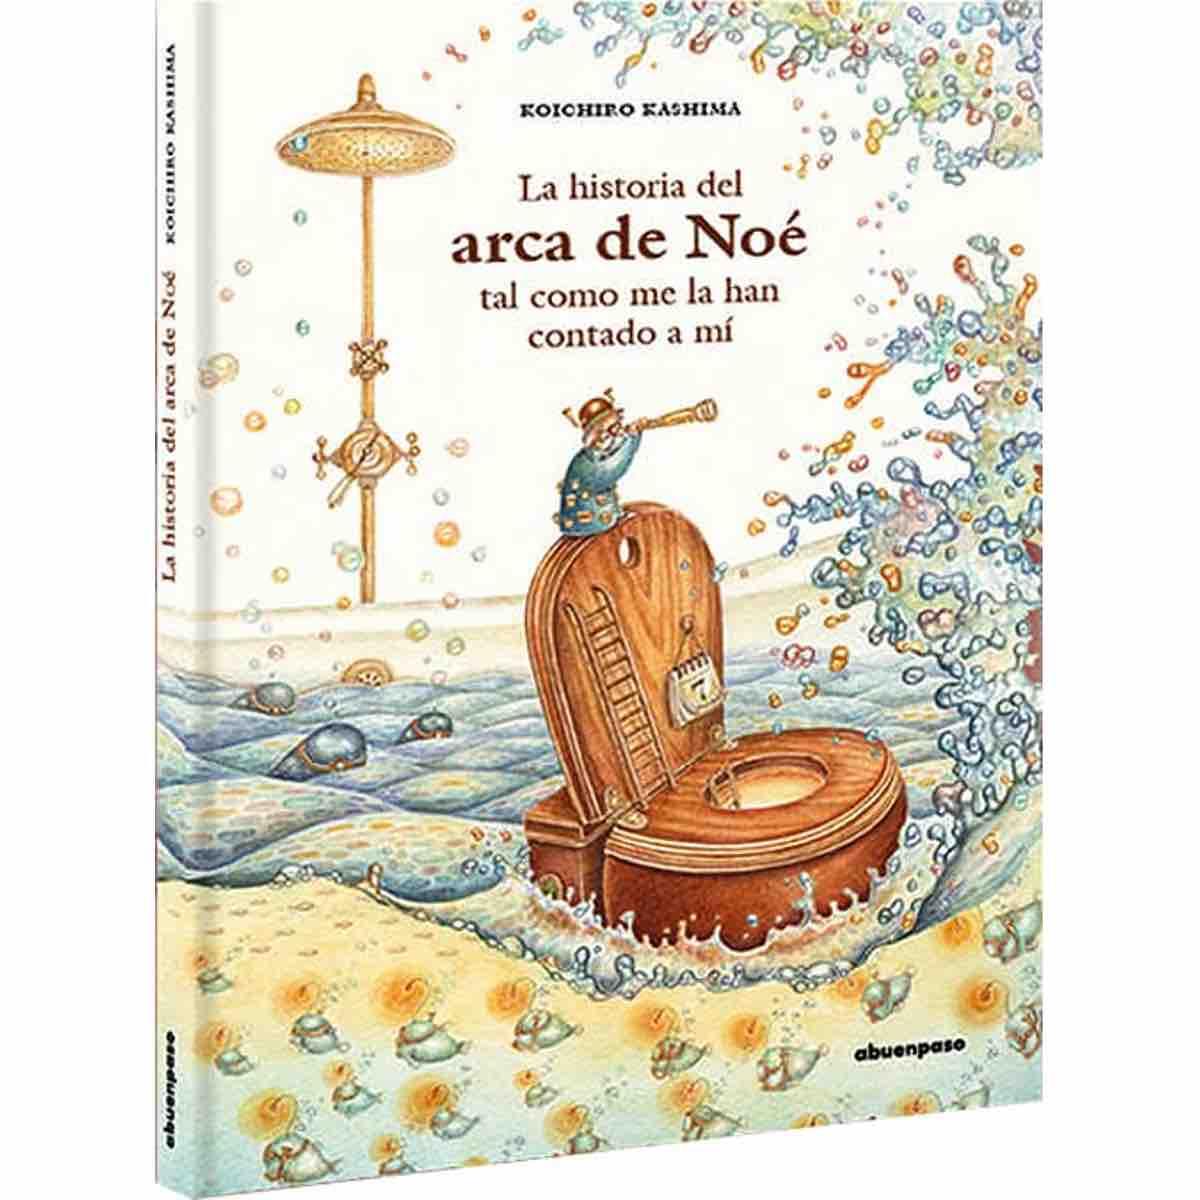 LA HISTORIA DEL ARCA DE NOE